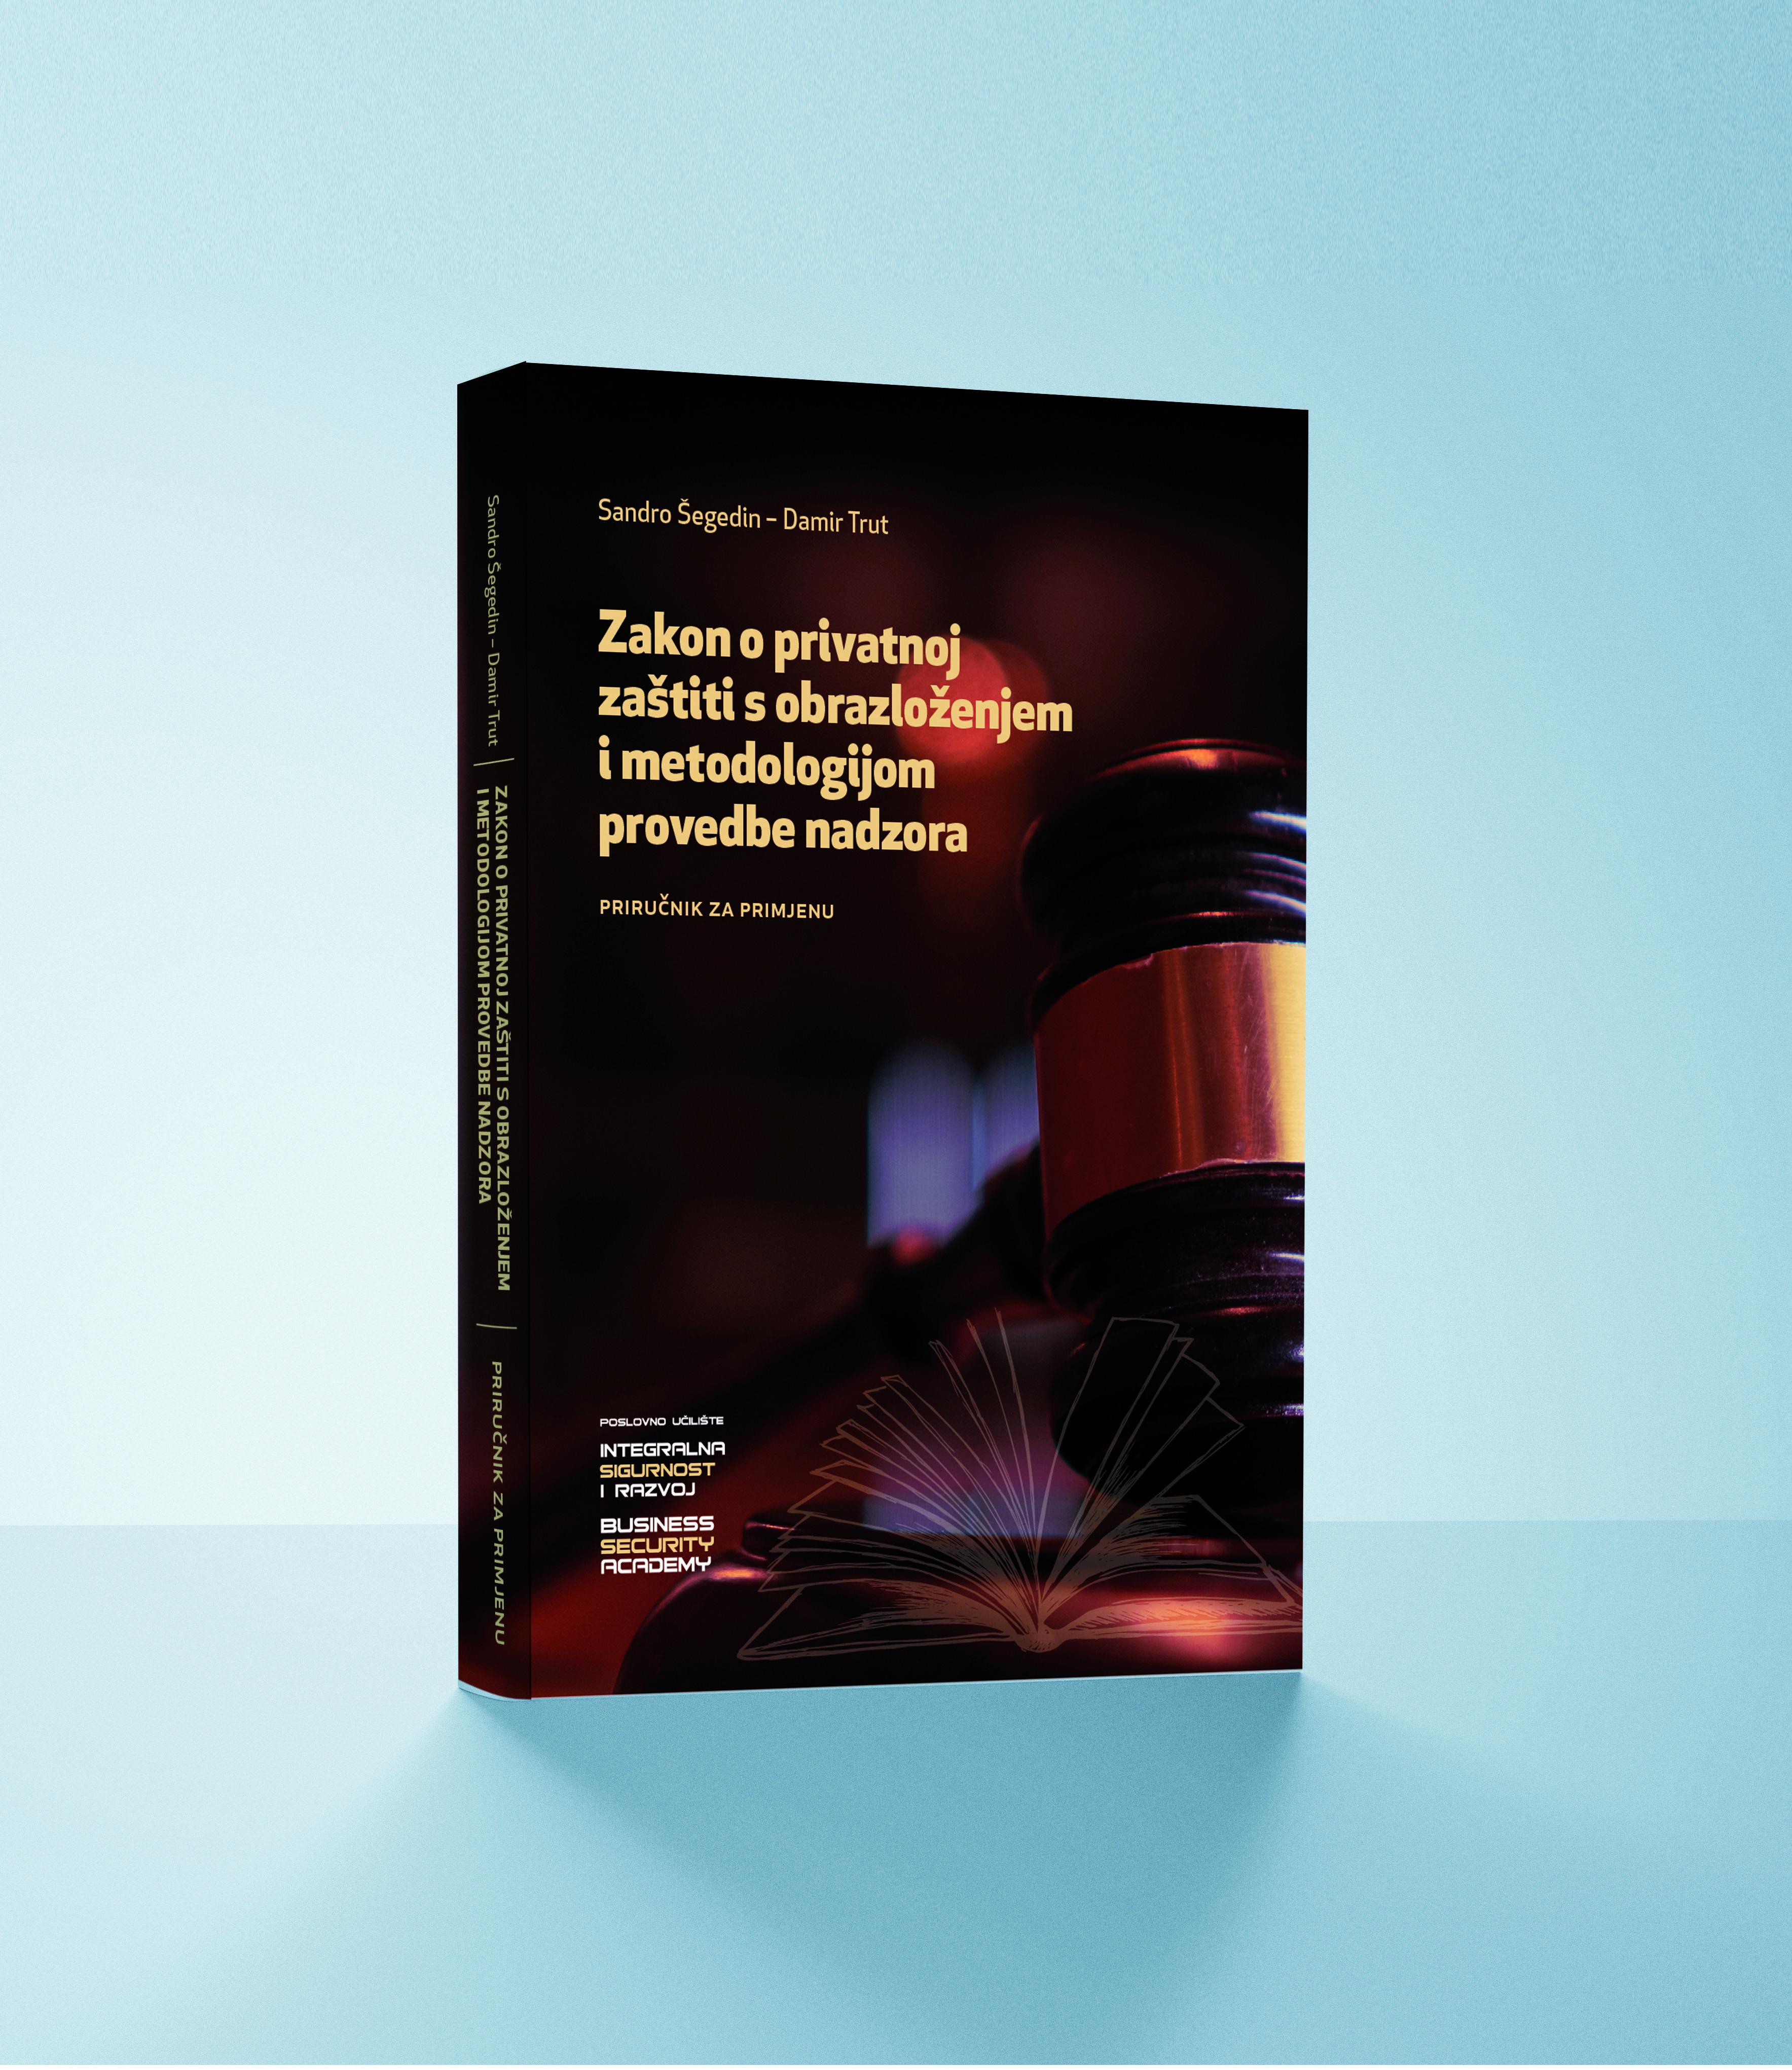 knjiga o privatnoj zaštiti